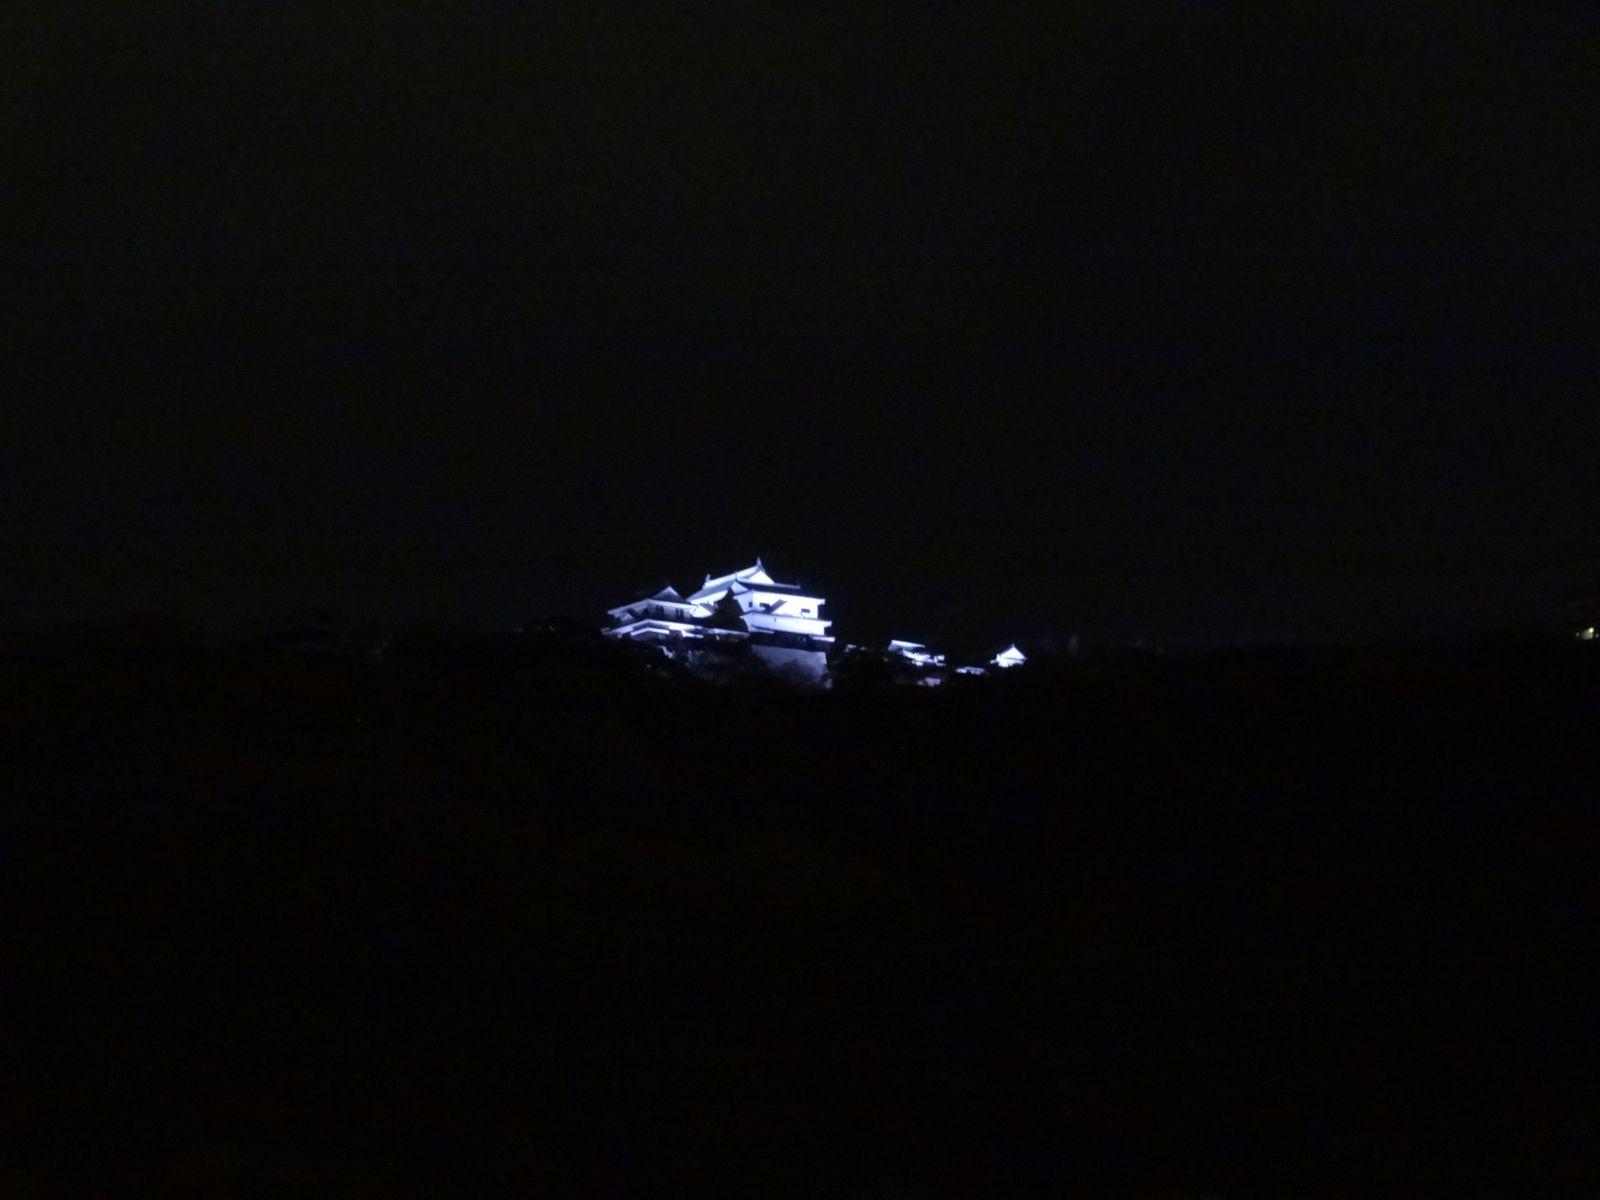 松山城のライトアップの写真です。クリックすると拡大します。